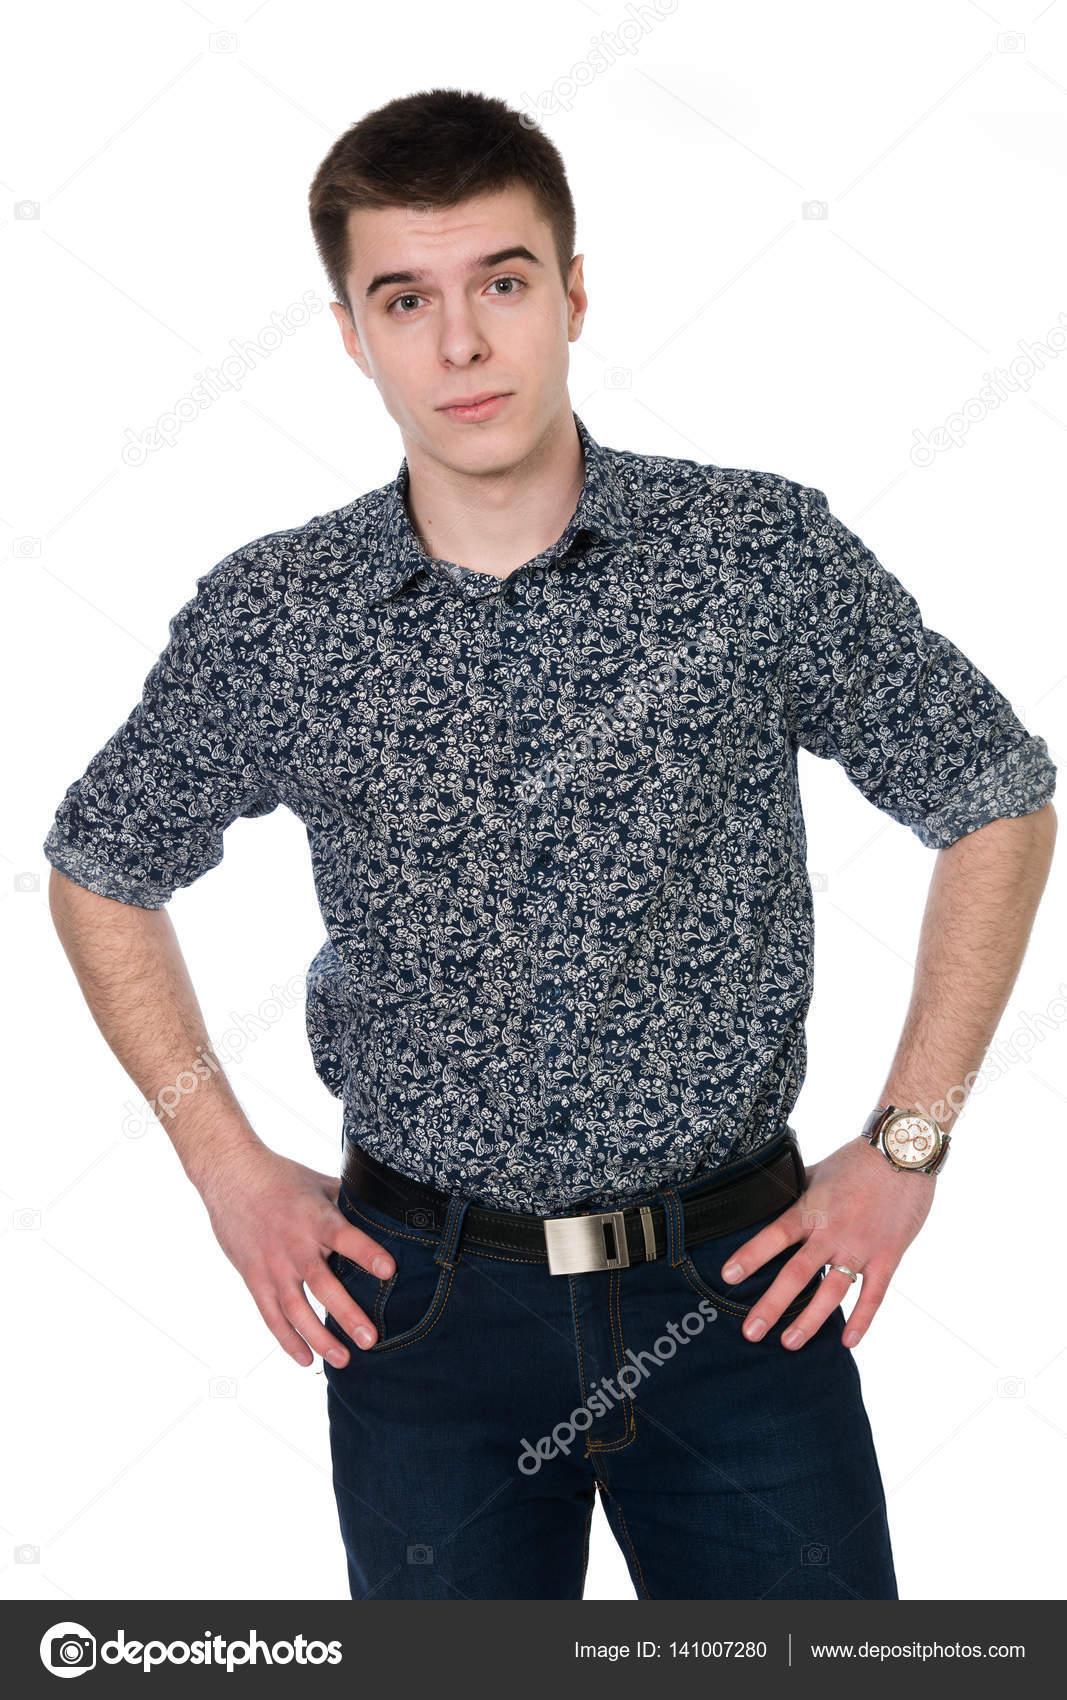 bdb4794ba23 Debout de jeune homme en chemise mains sur sa ceinture– images de stock  libres de droits